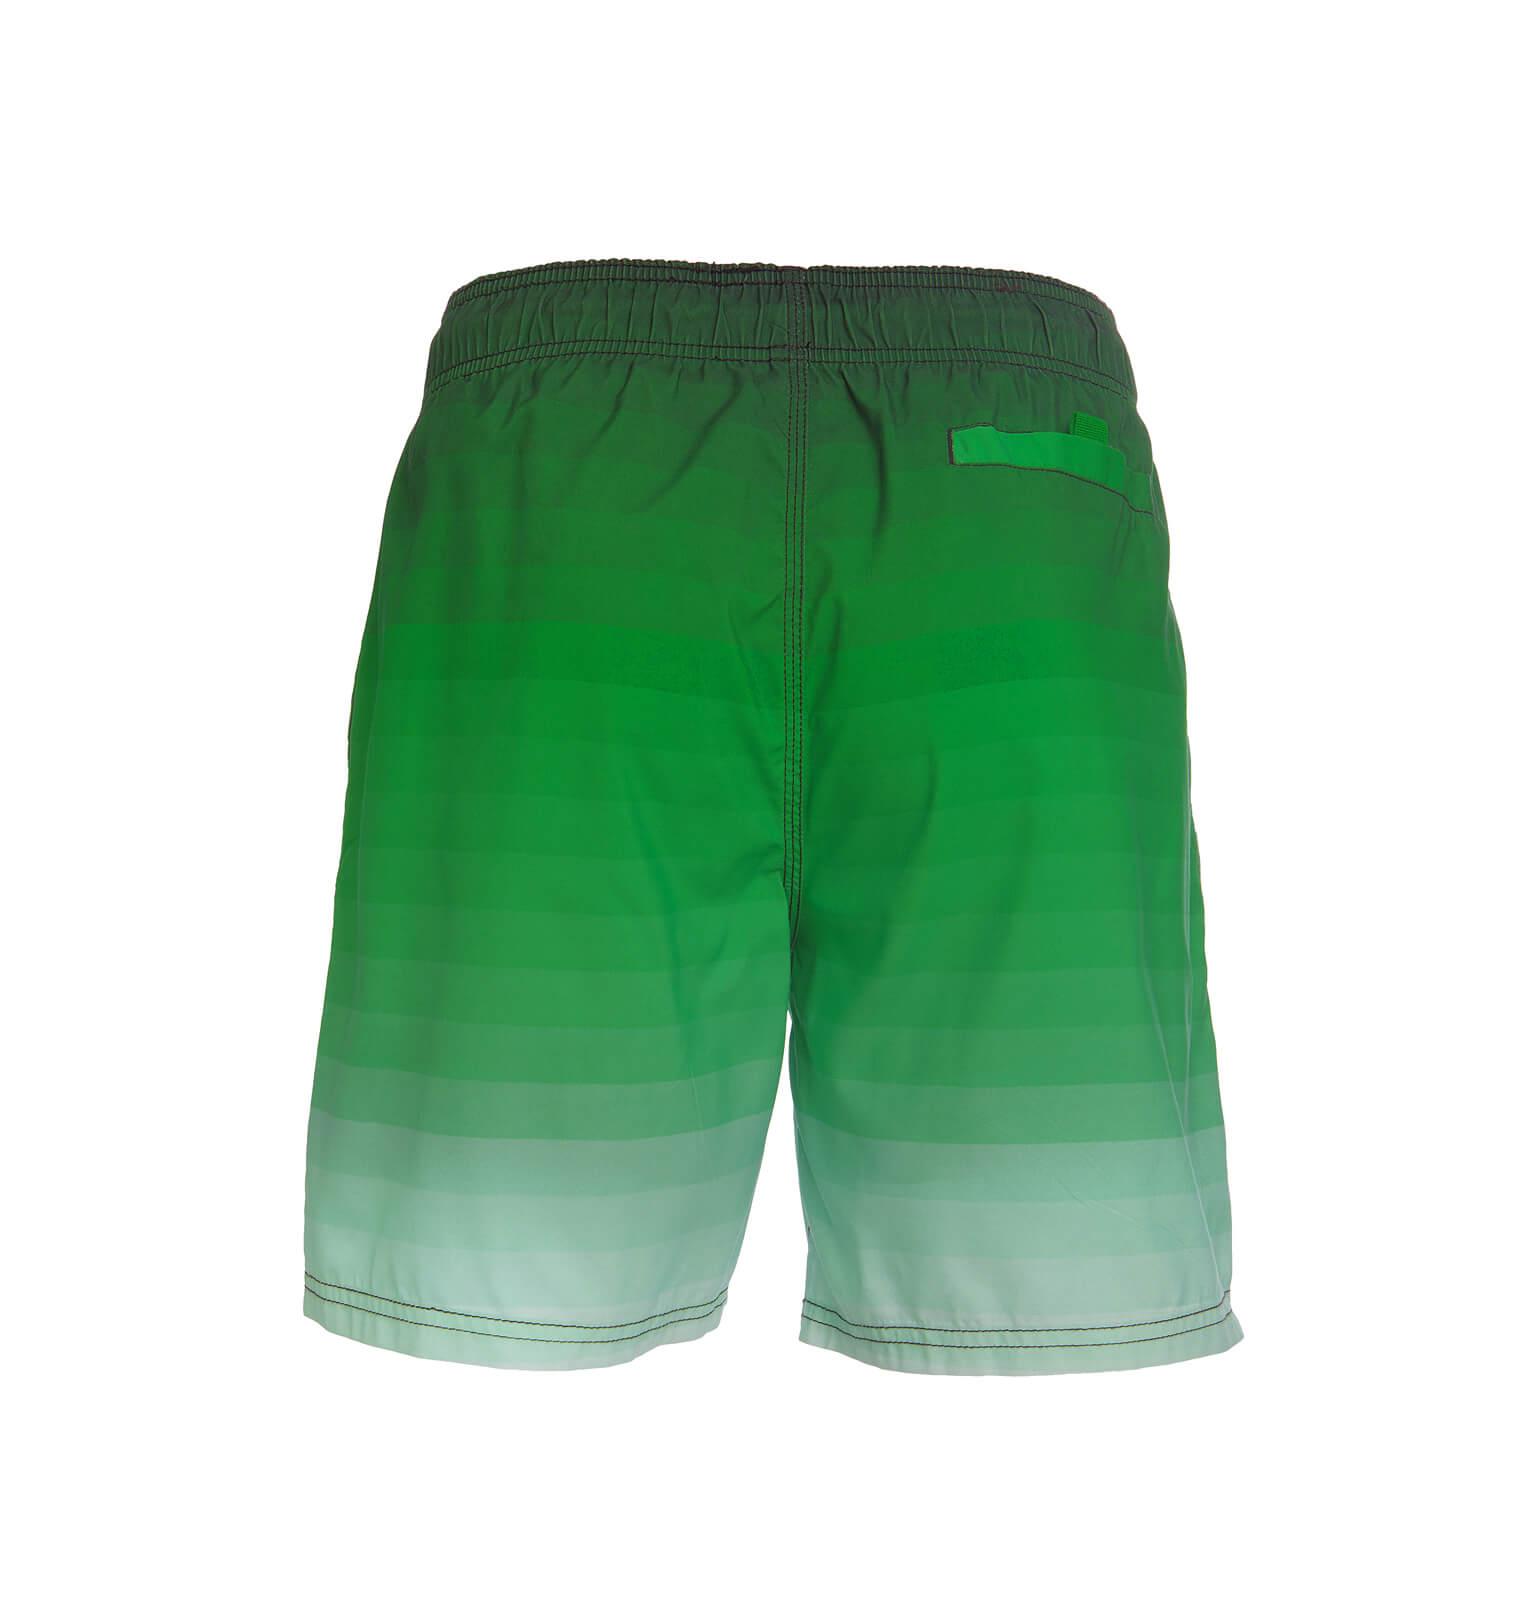 Neon Zwembroek Heren.Shiwi Zwembroek Voor Heren Groen One Fashion